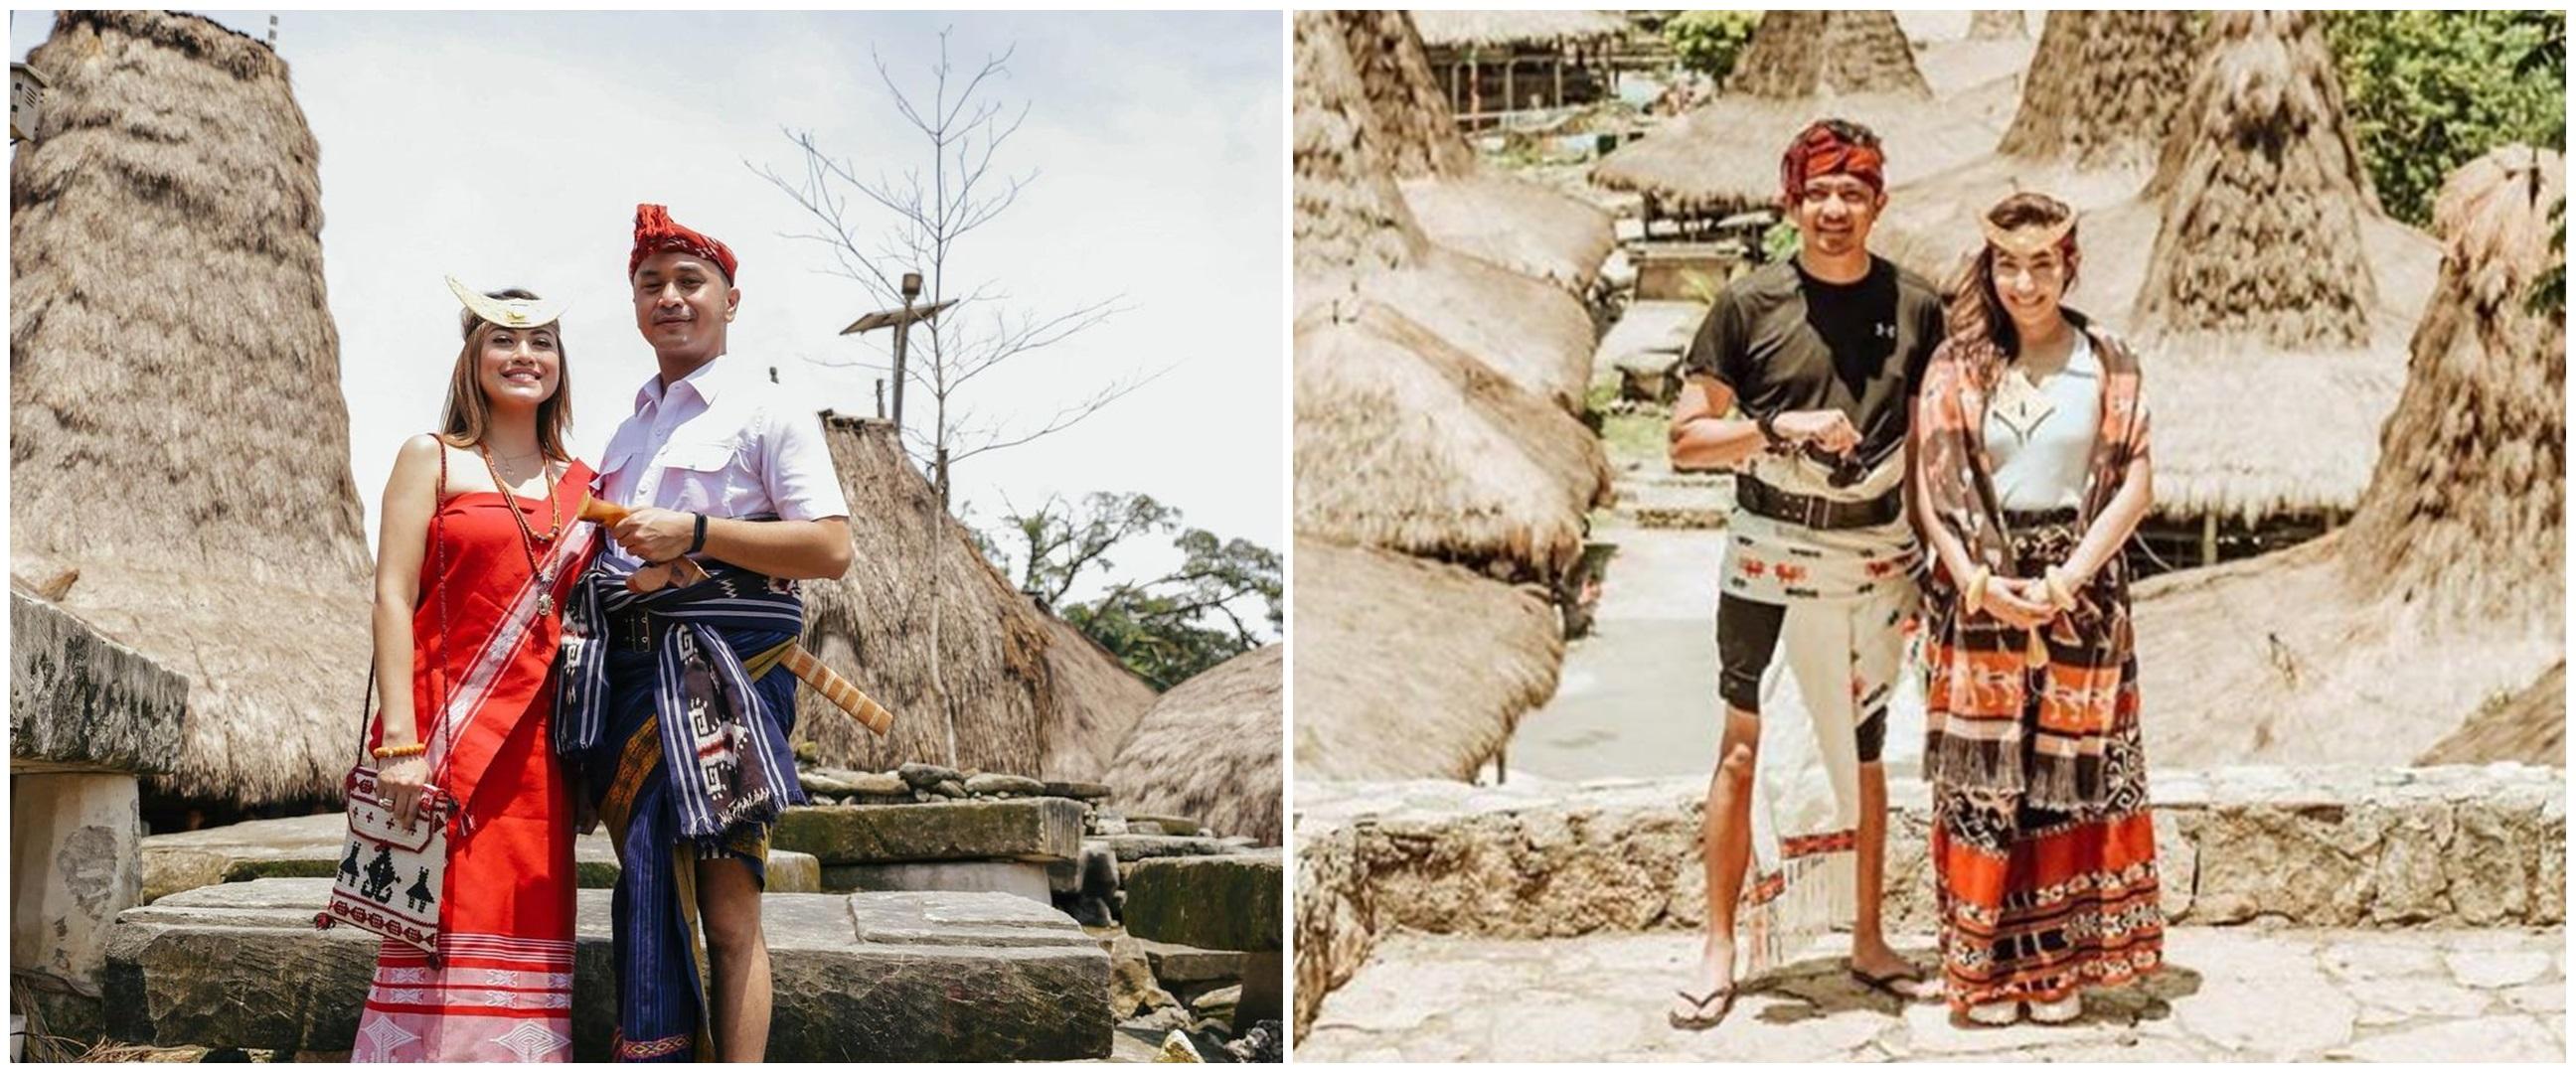 Potret 8 pasangan seleb kenakan baju adat Sumba, pesonanya terpancar